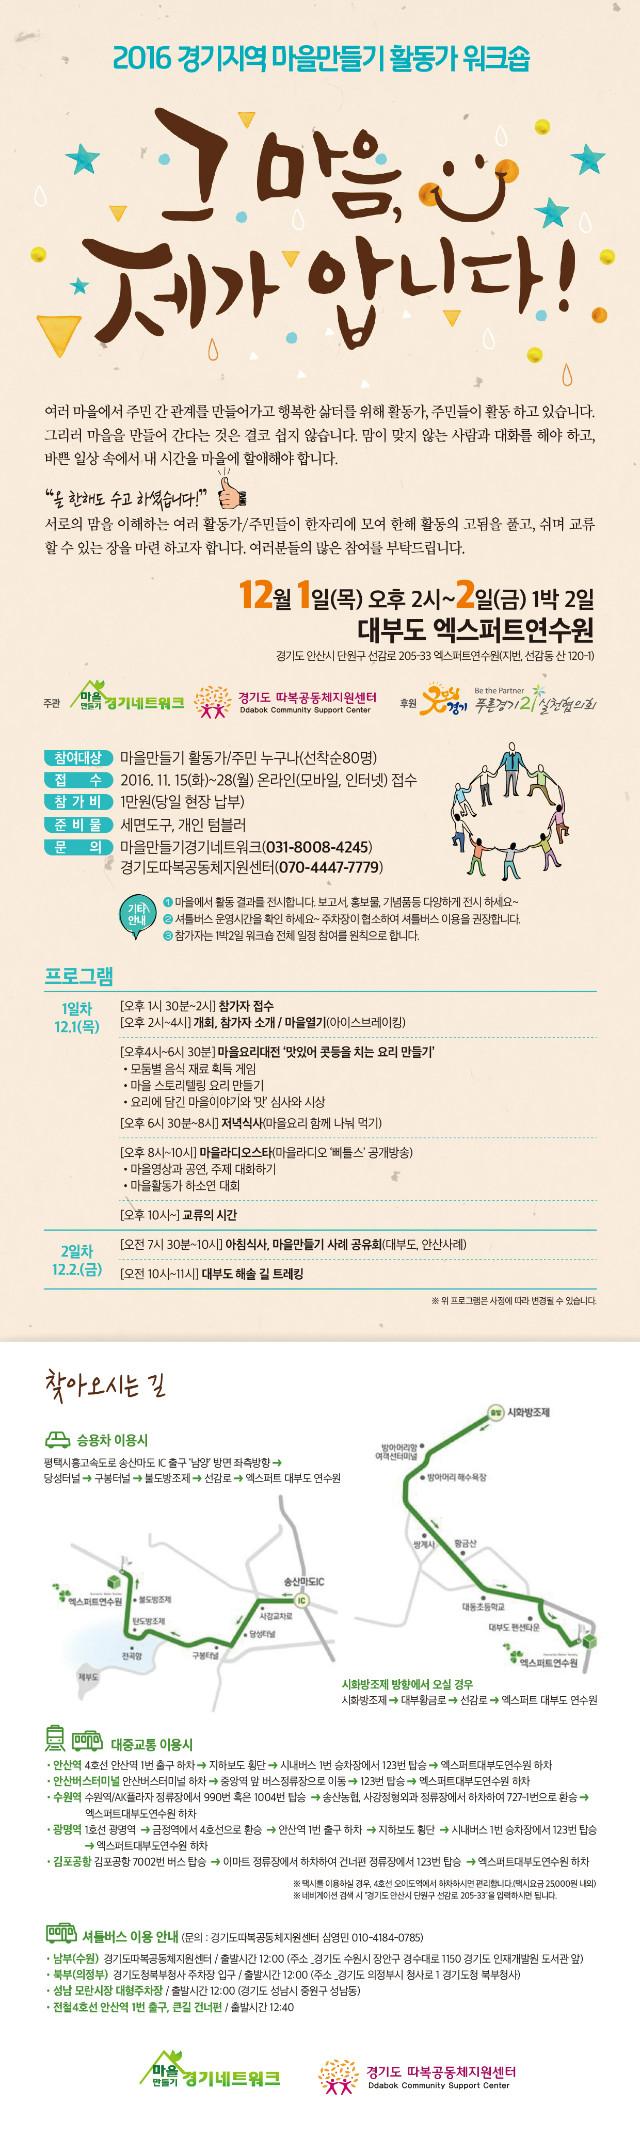 활동가 워크숍 홍보물_최종.jpg